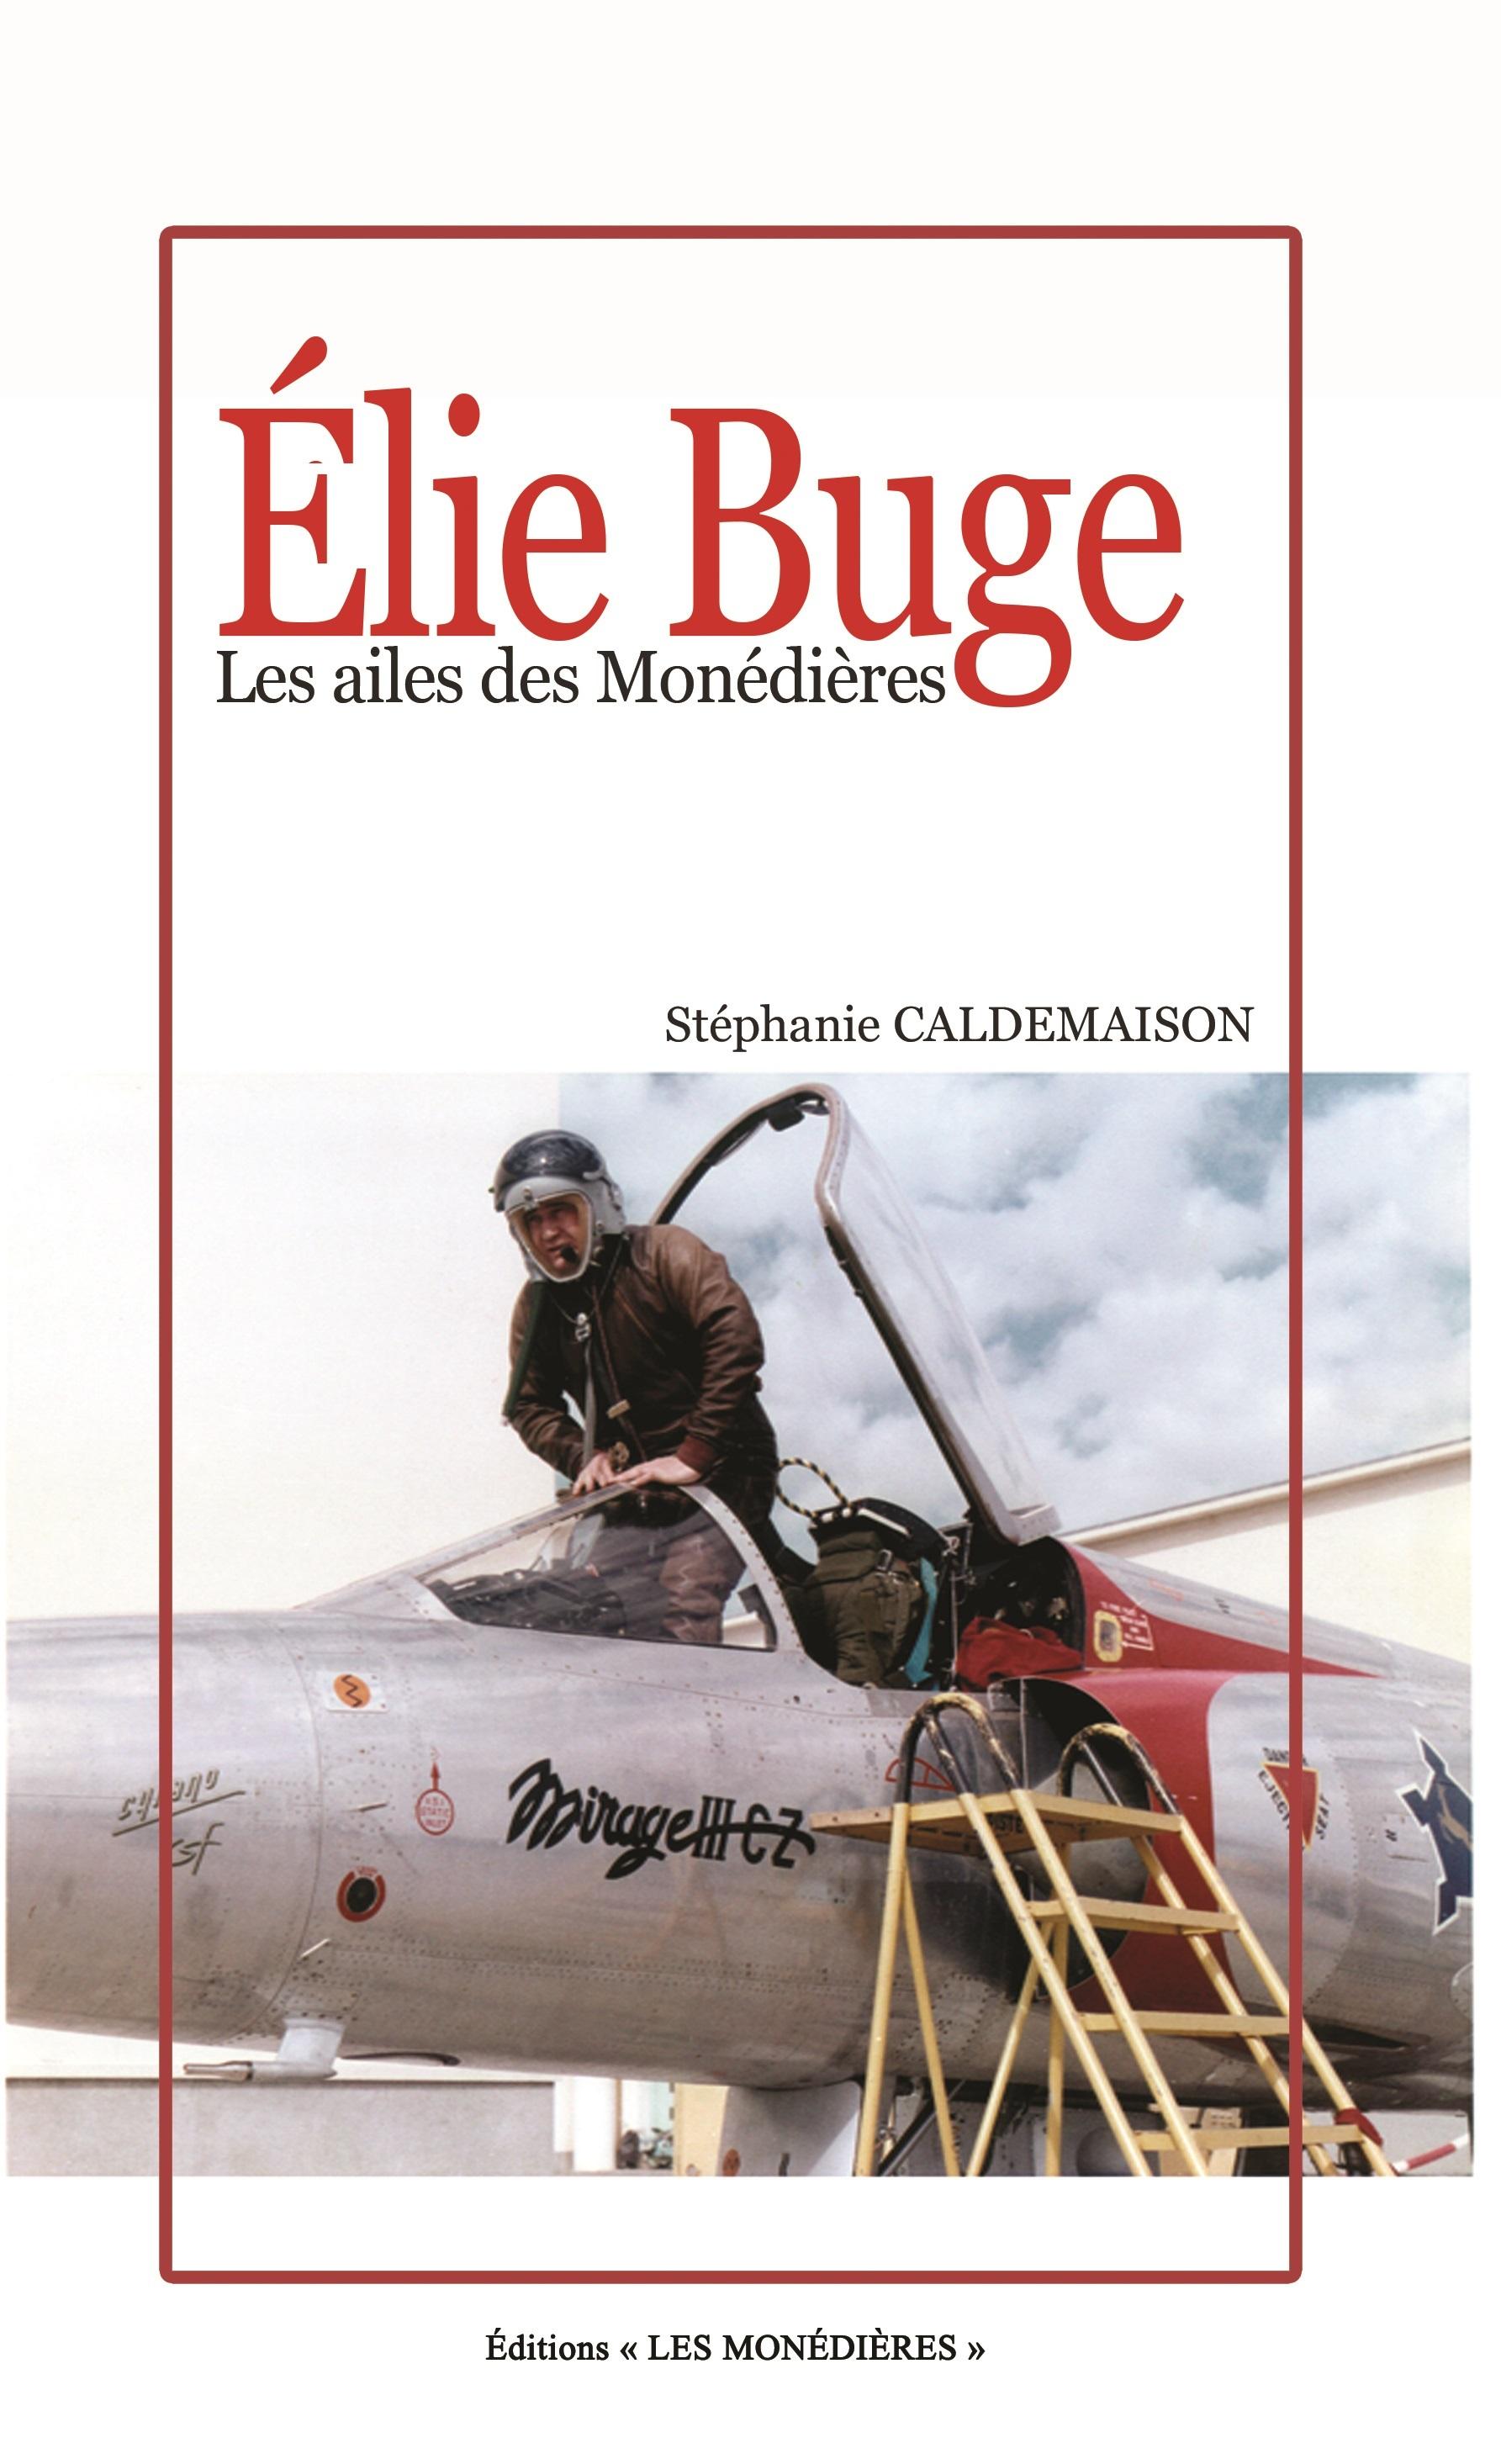 ELIE BUGE, LES AILES DES MONEDIERES